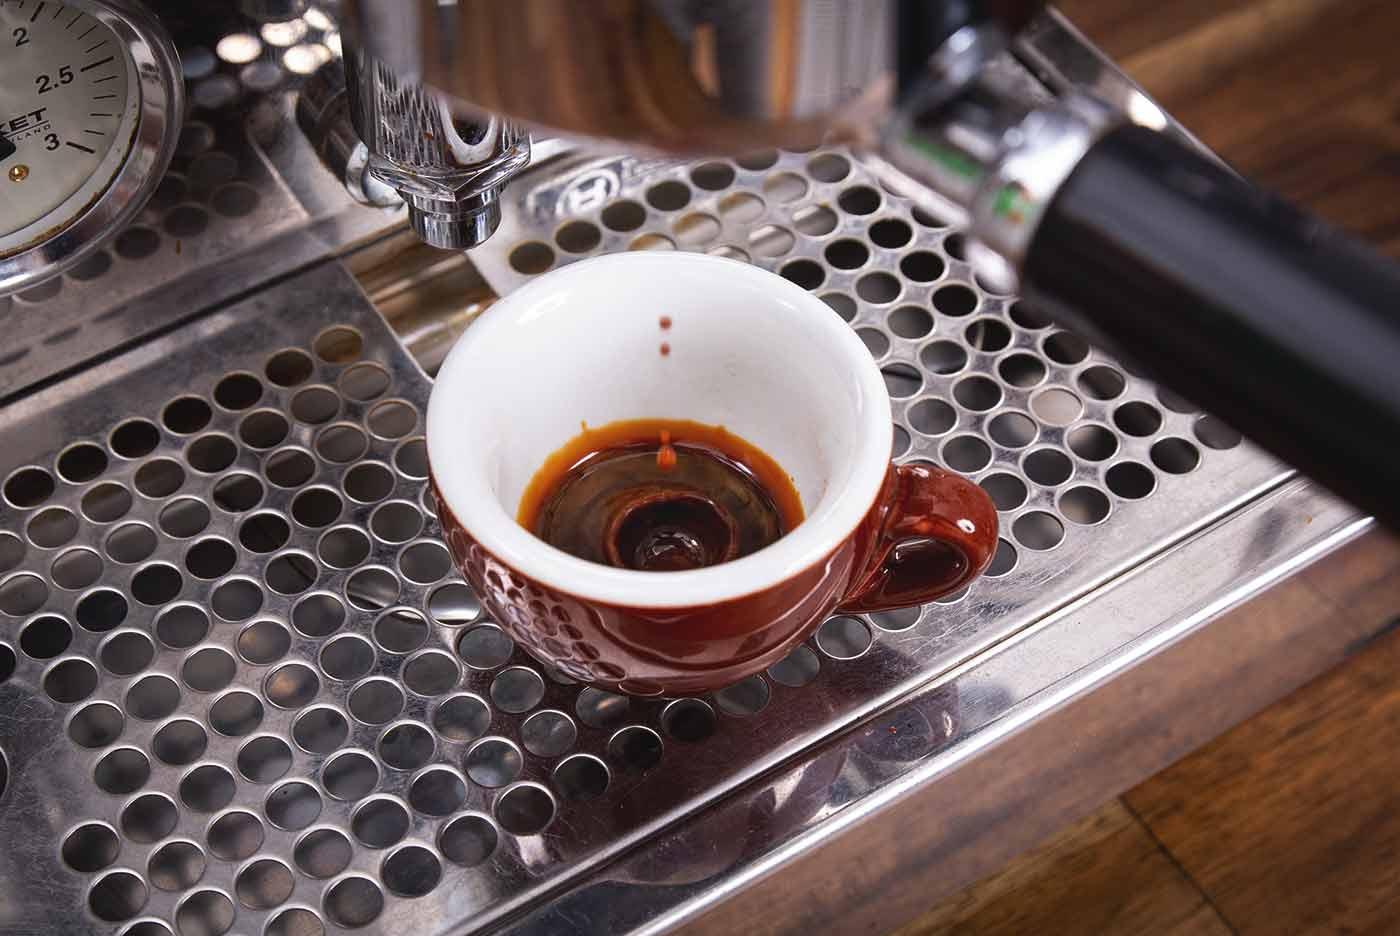 Schritt 6: Siebträger einhängen und Espresso beziehen – Espressozubereitung in der Siebträgermaschine.